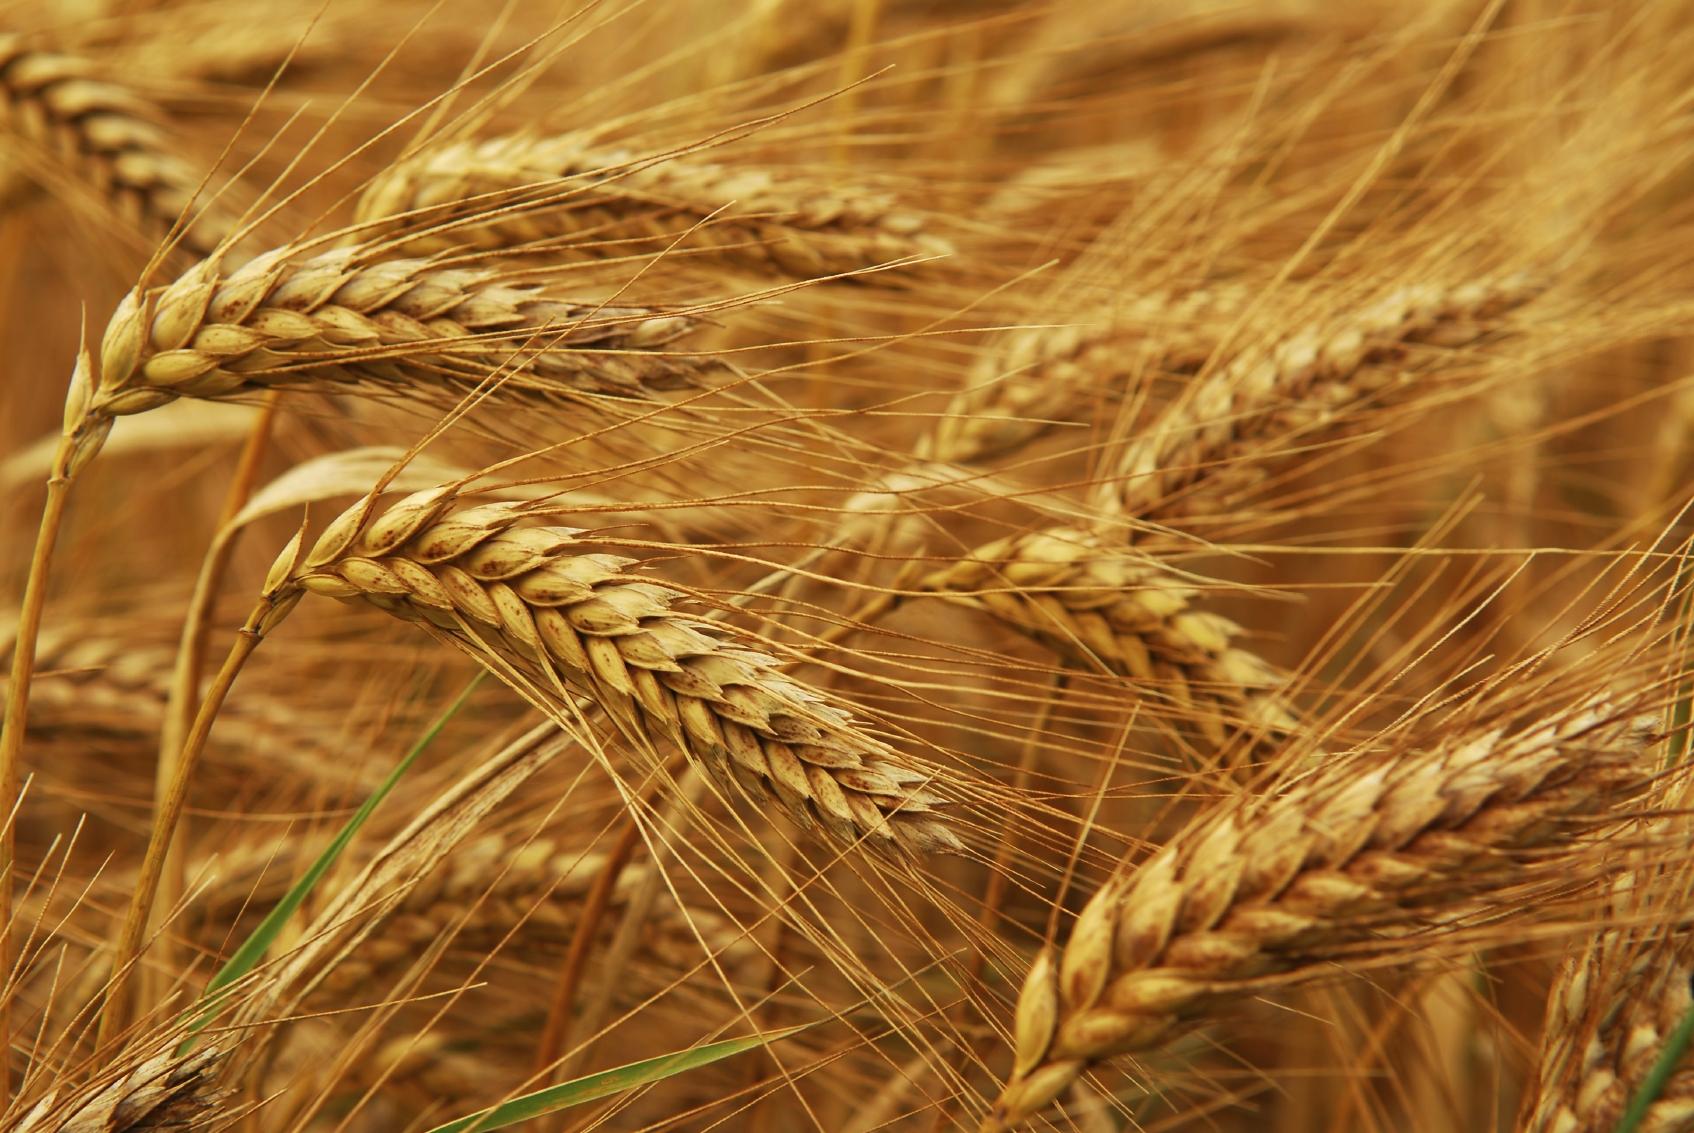 Golden wheat growing in a farm field, closeup on ears